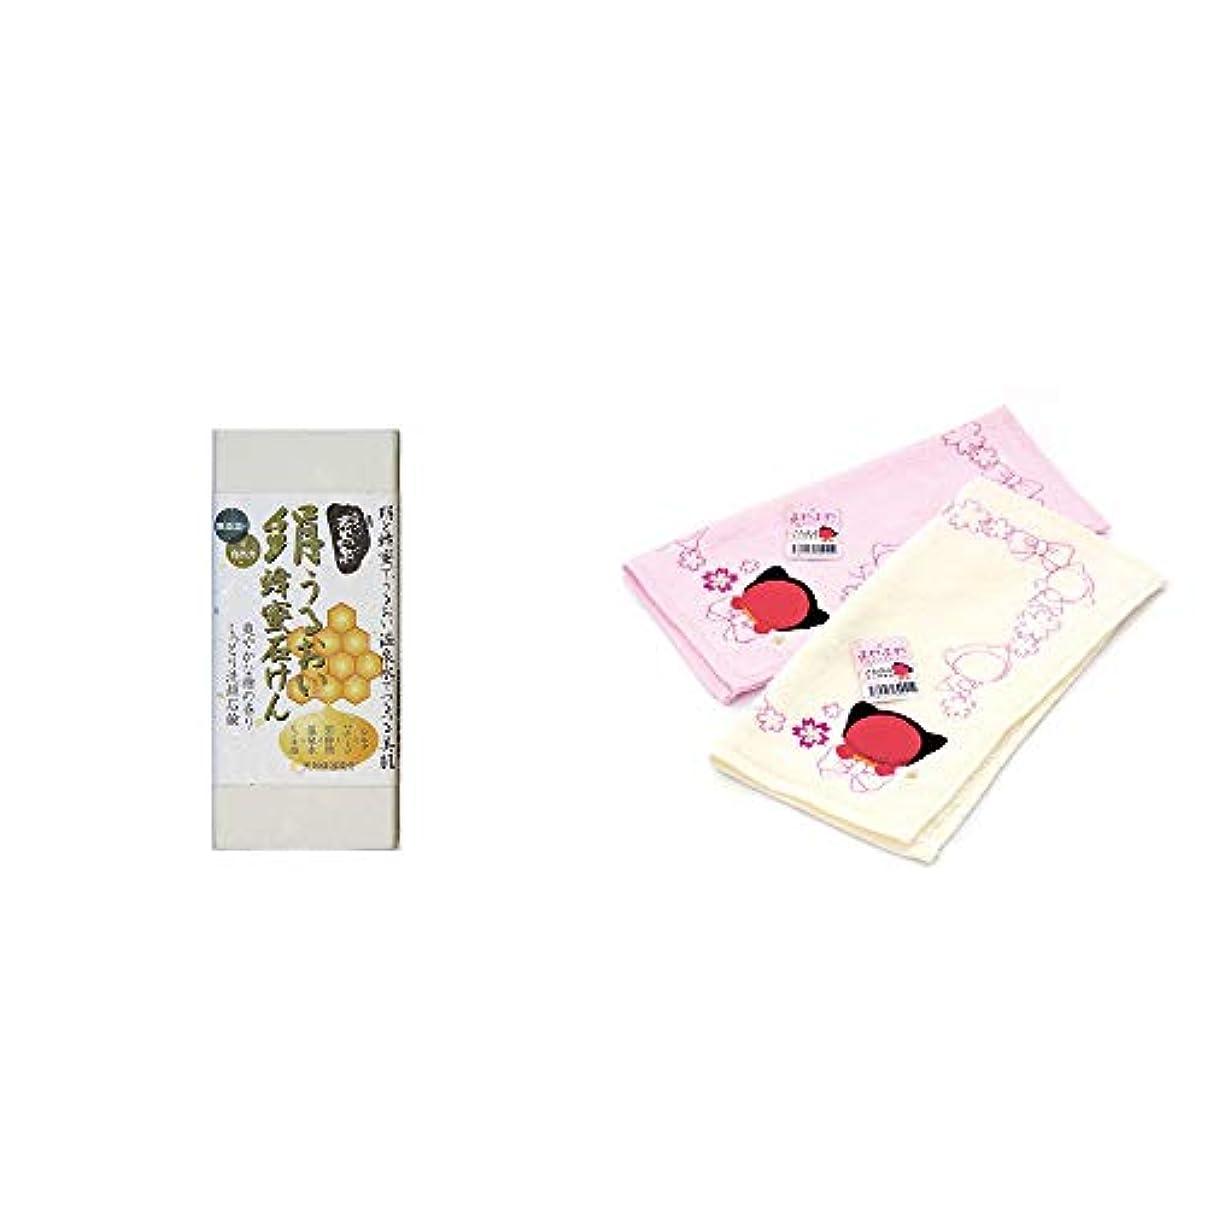 食べる山クルー[2点セット] ひのき炭黒泉 絹うるおい蜂蜜石けん(75g×2)?さるぼぼ ふわふわタオルハンカチ【クリーム】